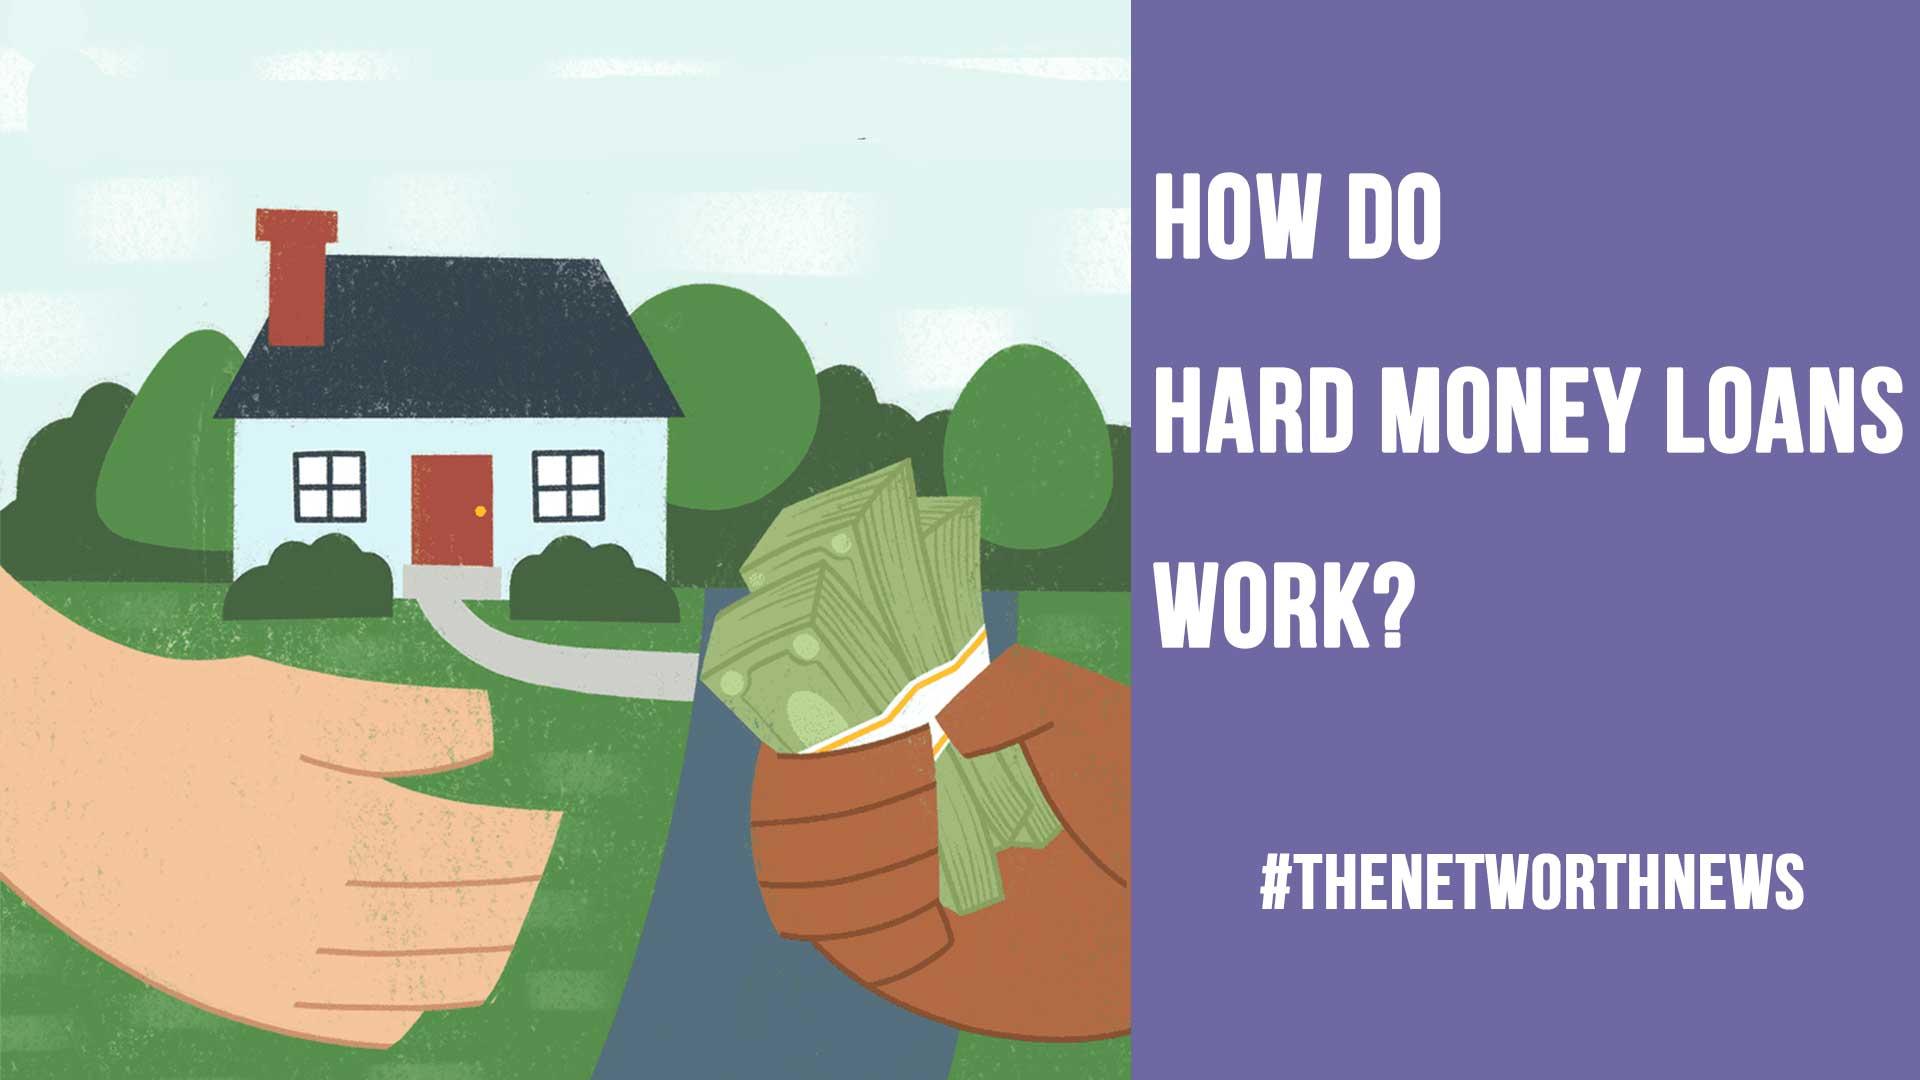 How Do Hard Money Loans Work